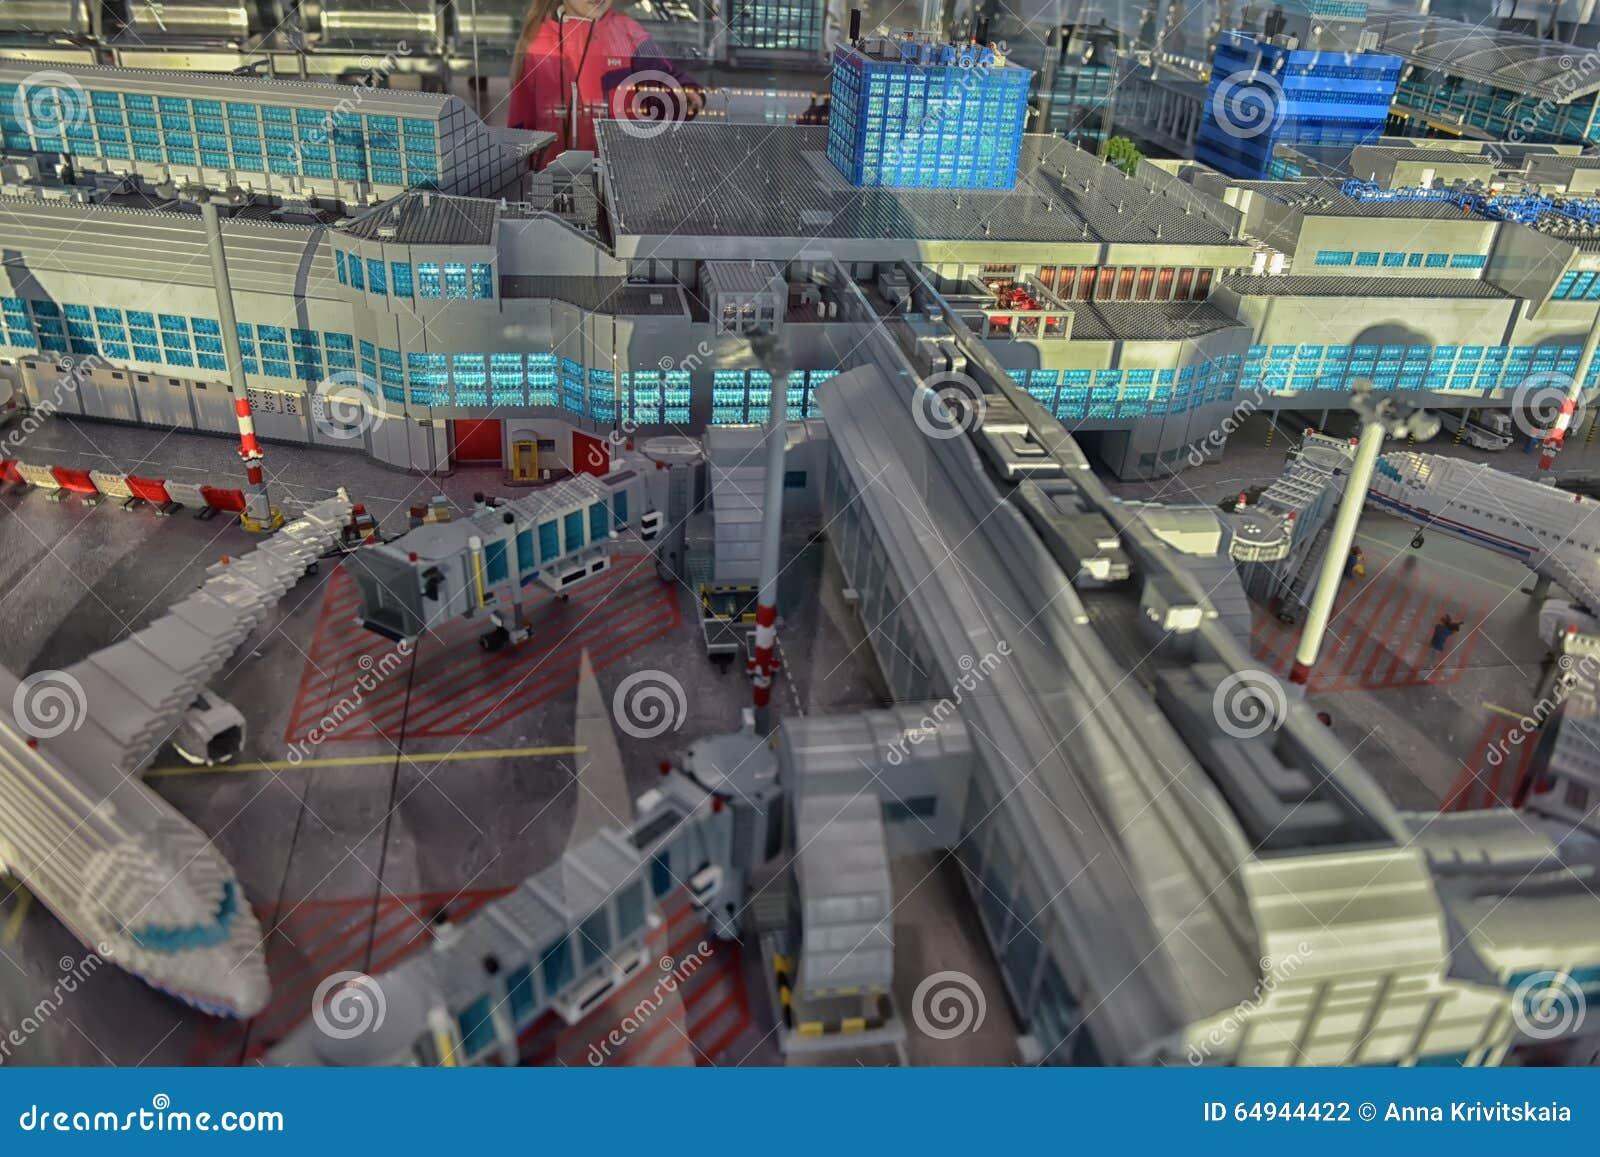 Photographie Aéroport De En Éditorial Fait Disposition Grand Lego 9D2WEHI